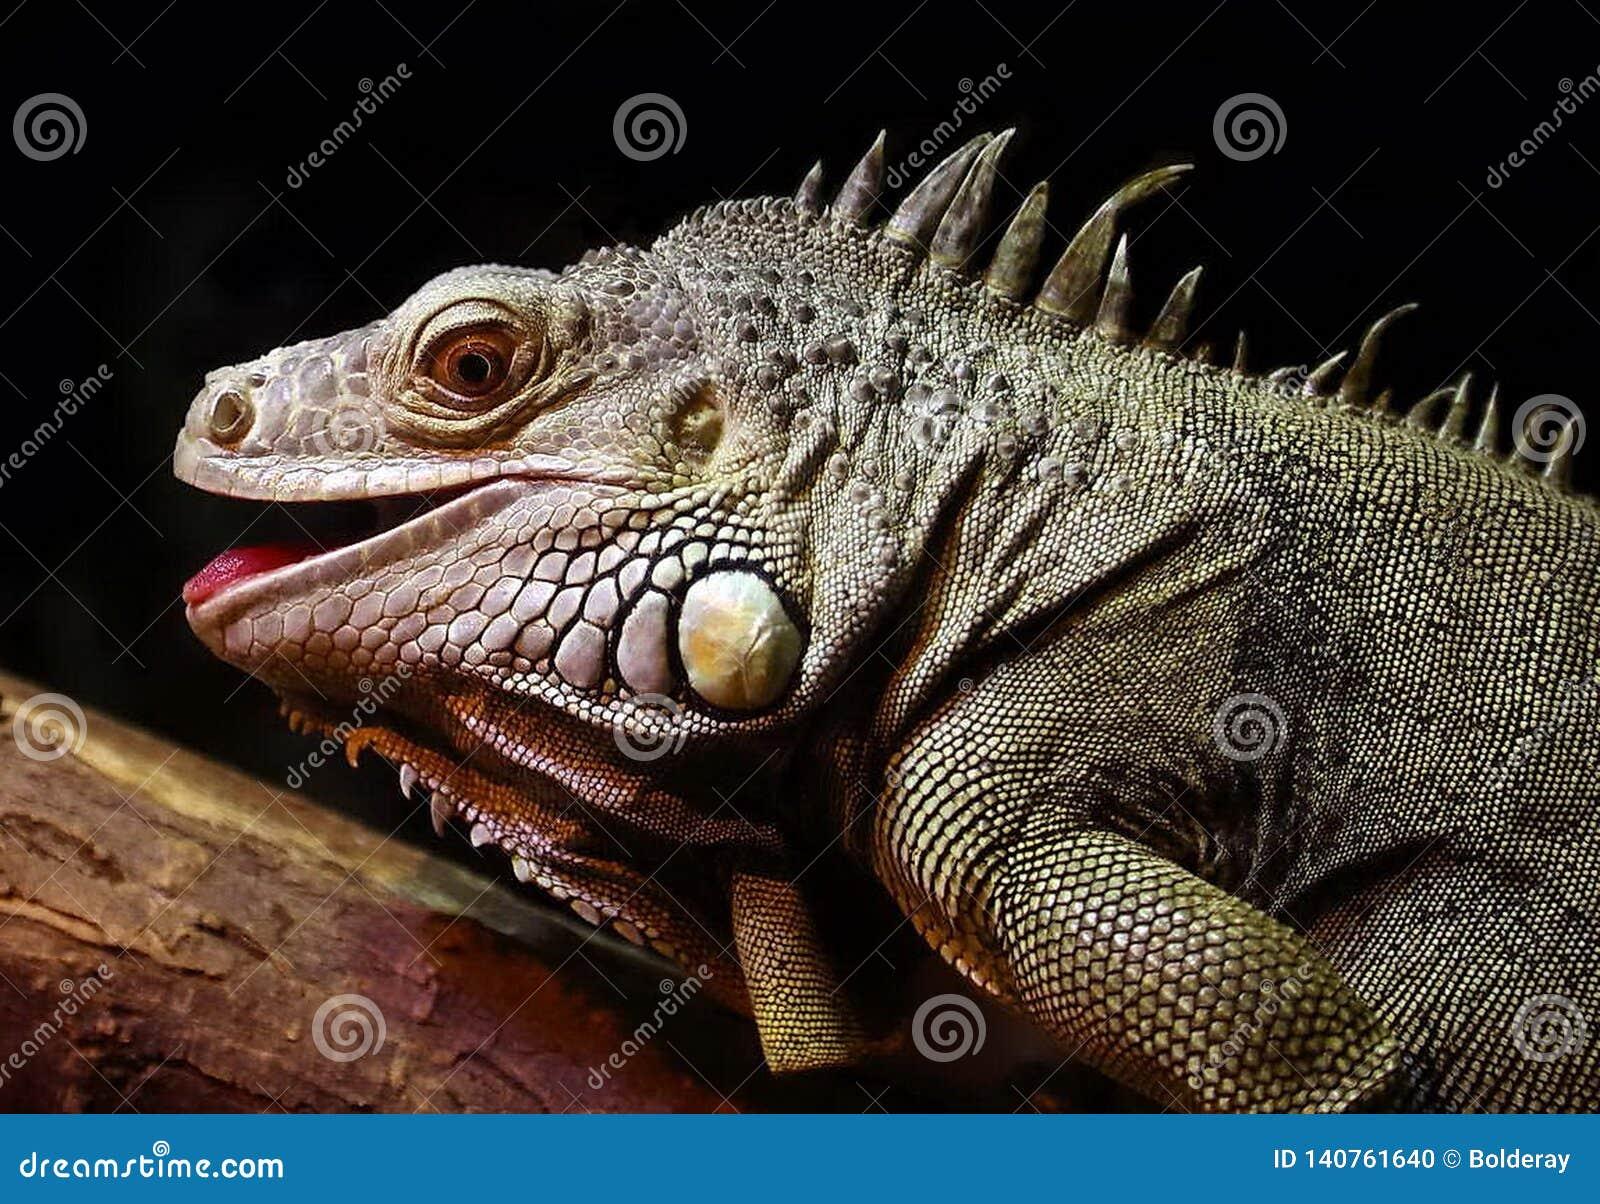 一只普通的鬣鳞蜥或者一绿色鬣鳞蜥拉特 鬣鳞蜥鬣鳞蜥是一只大食草蜥蜴,带领每日木质的生活